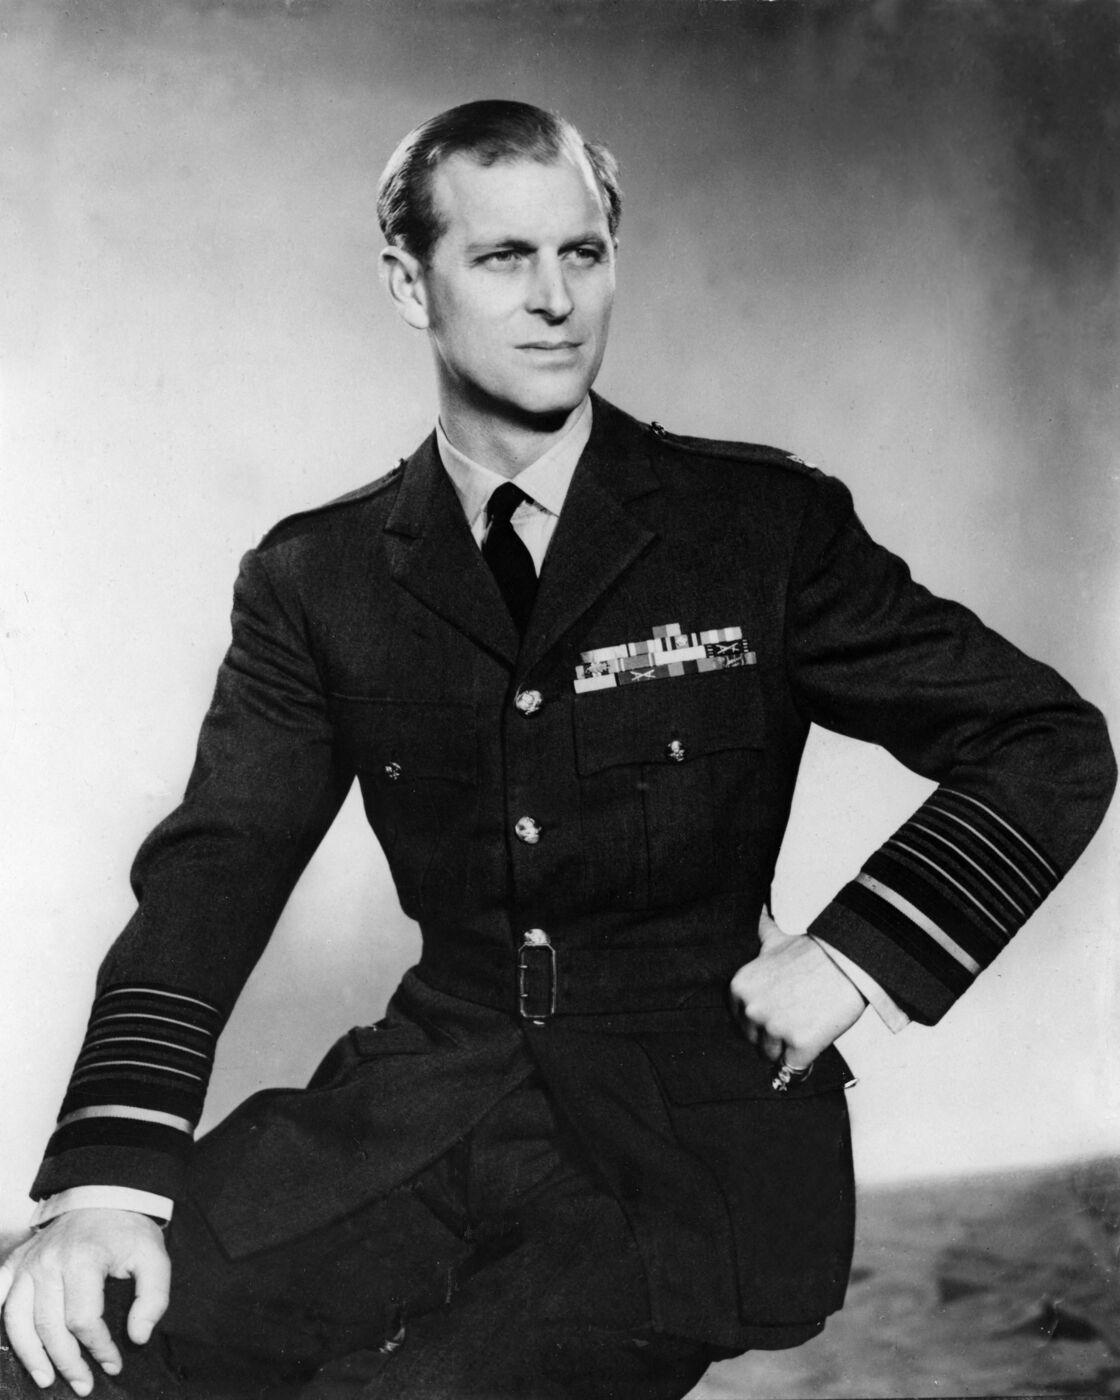 Le prince Philip dans son costume militaire de la Royal Navy